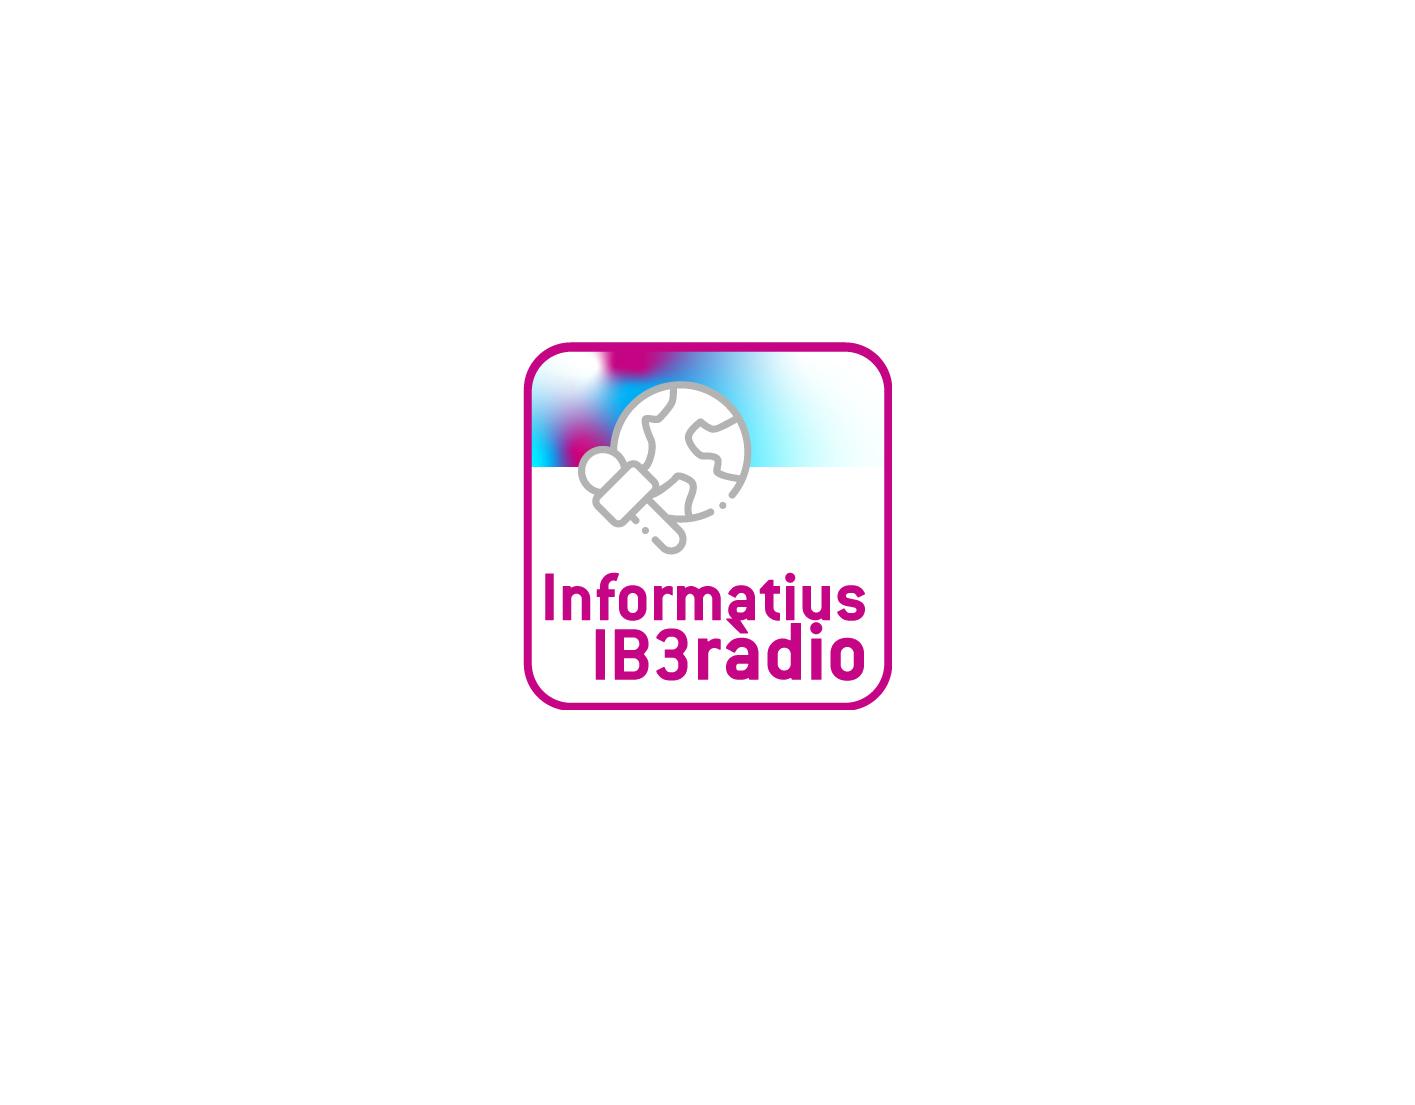 Miquel Àngel Mas participa en los informativos de IB3 Ràdio a raíz de un dictamen europeo sobre el IRPH